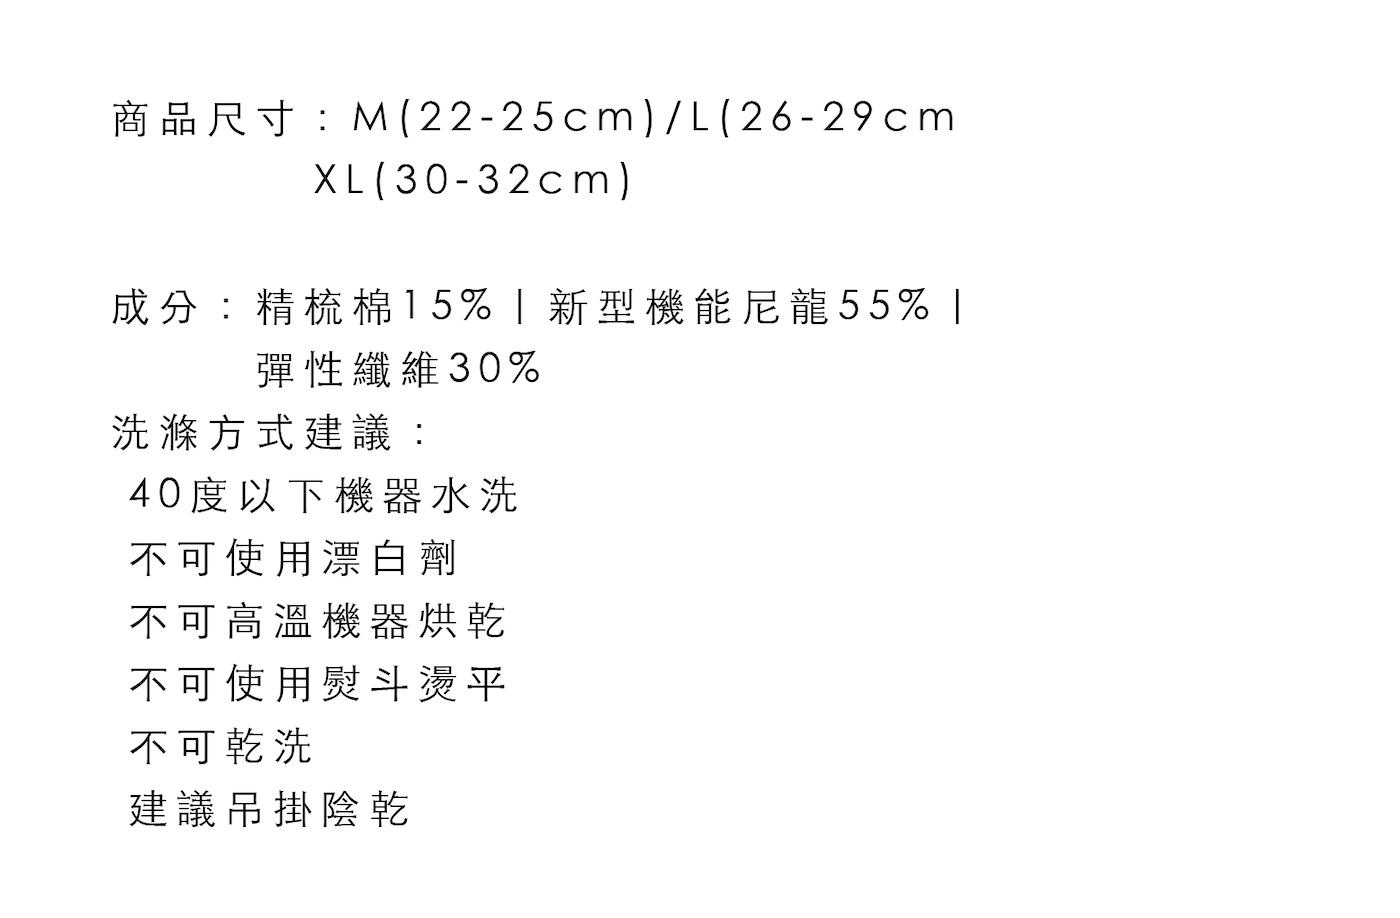 商品尺寸規格表